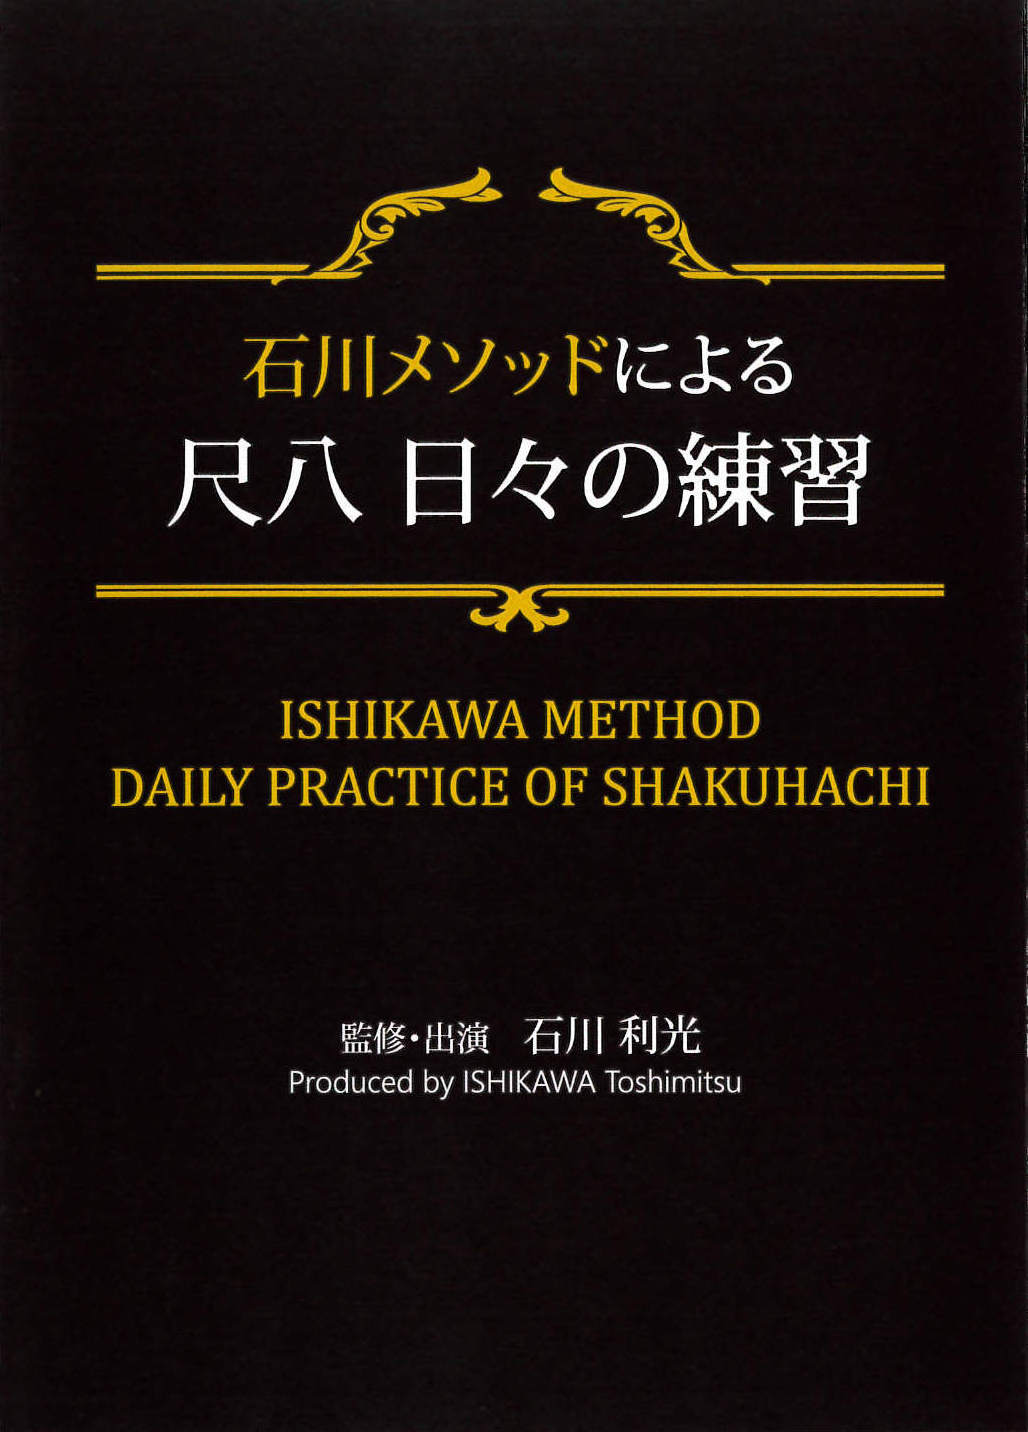 DVD 石川メソッドによる 尺八 日々の練習[4176]